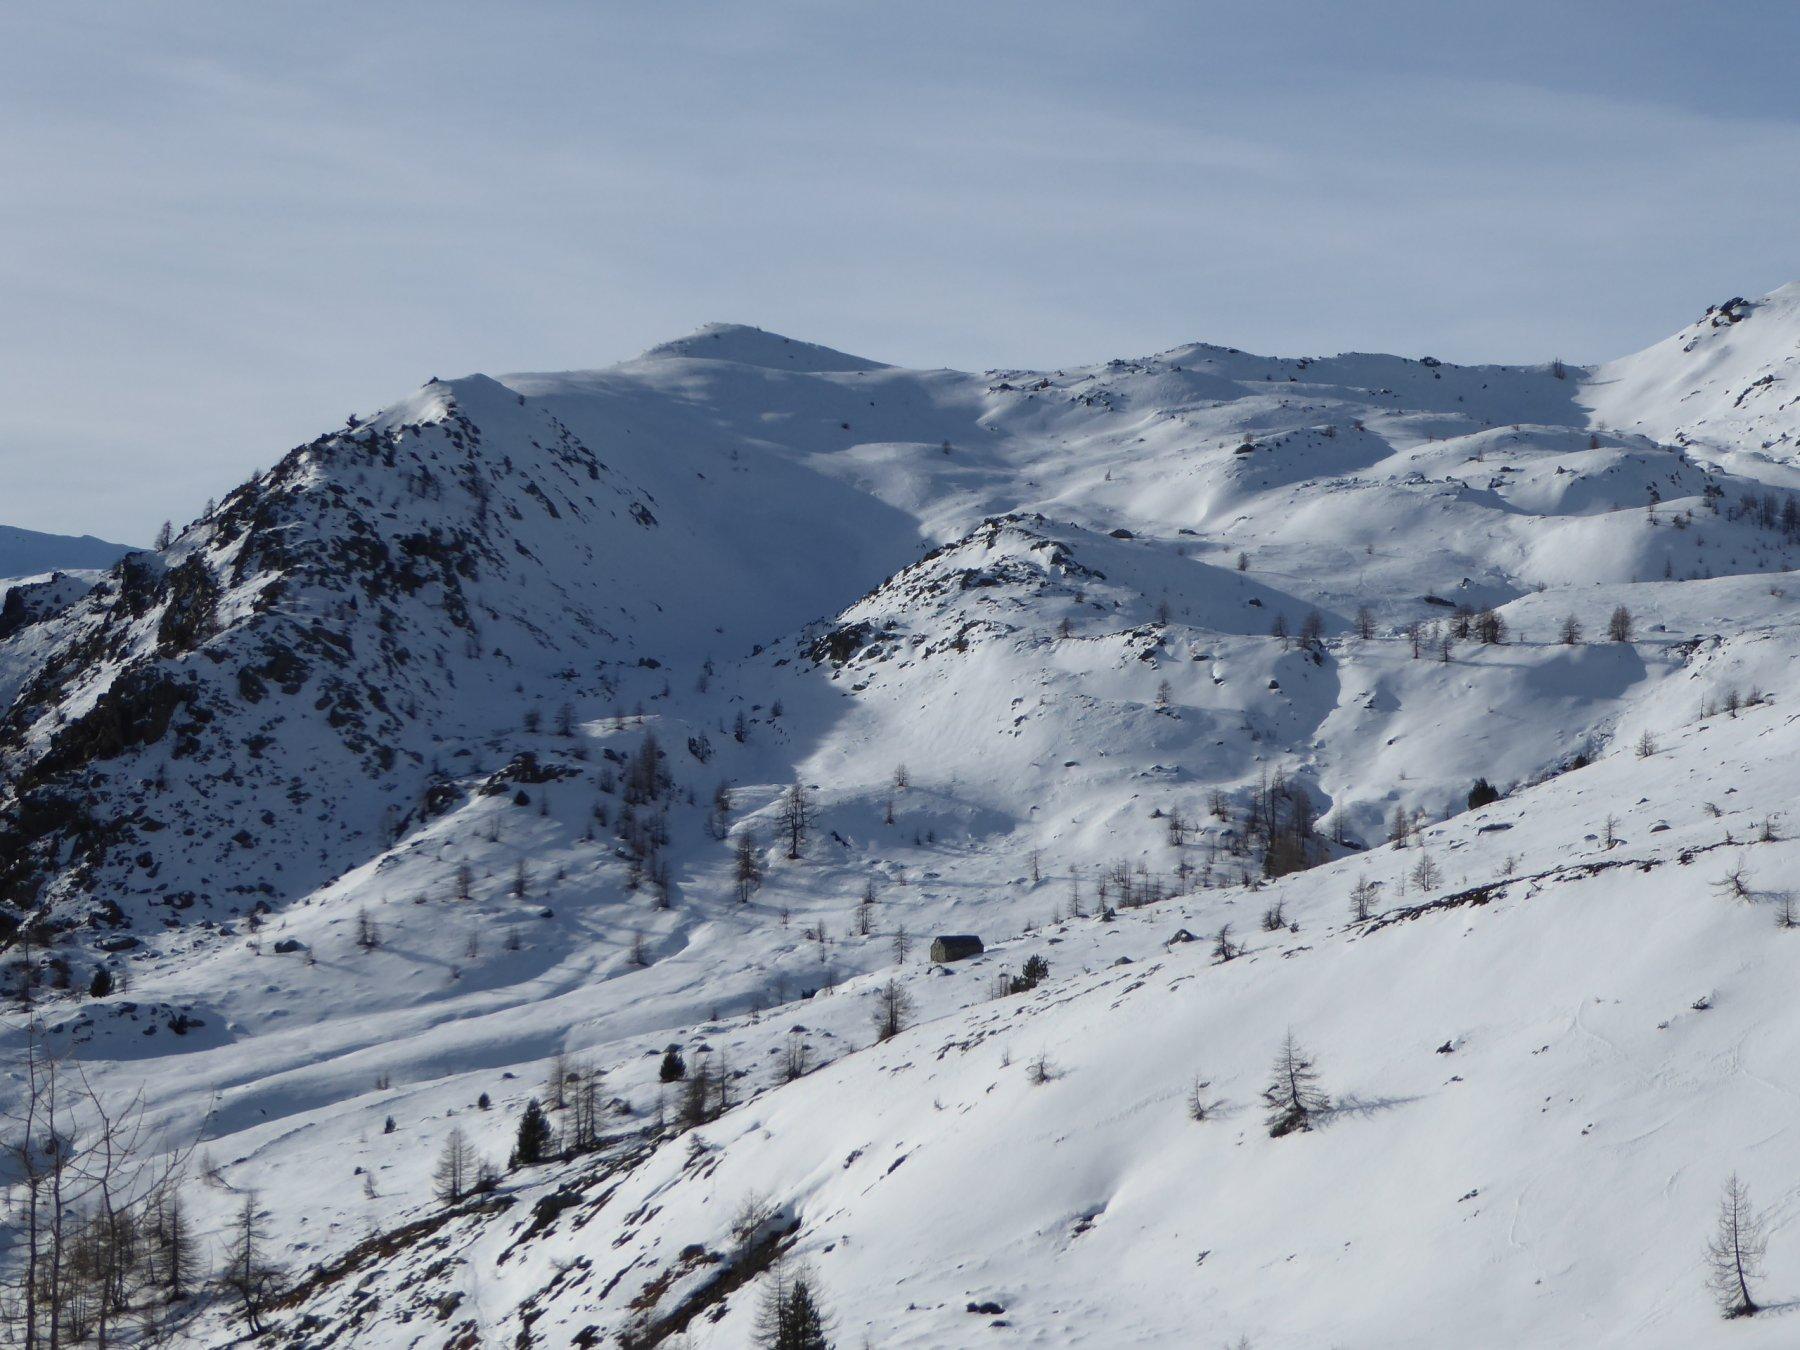 dal rifugio lago Muffè si vede il monte Ros (il più alto) ed il percorso di accesso e discesa